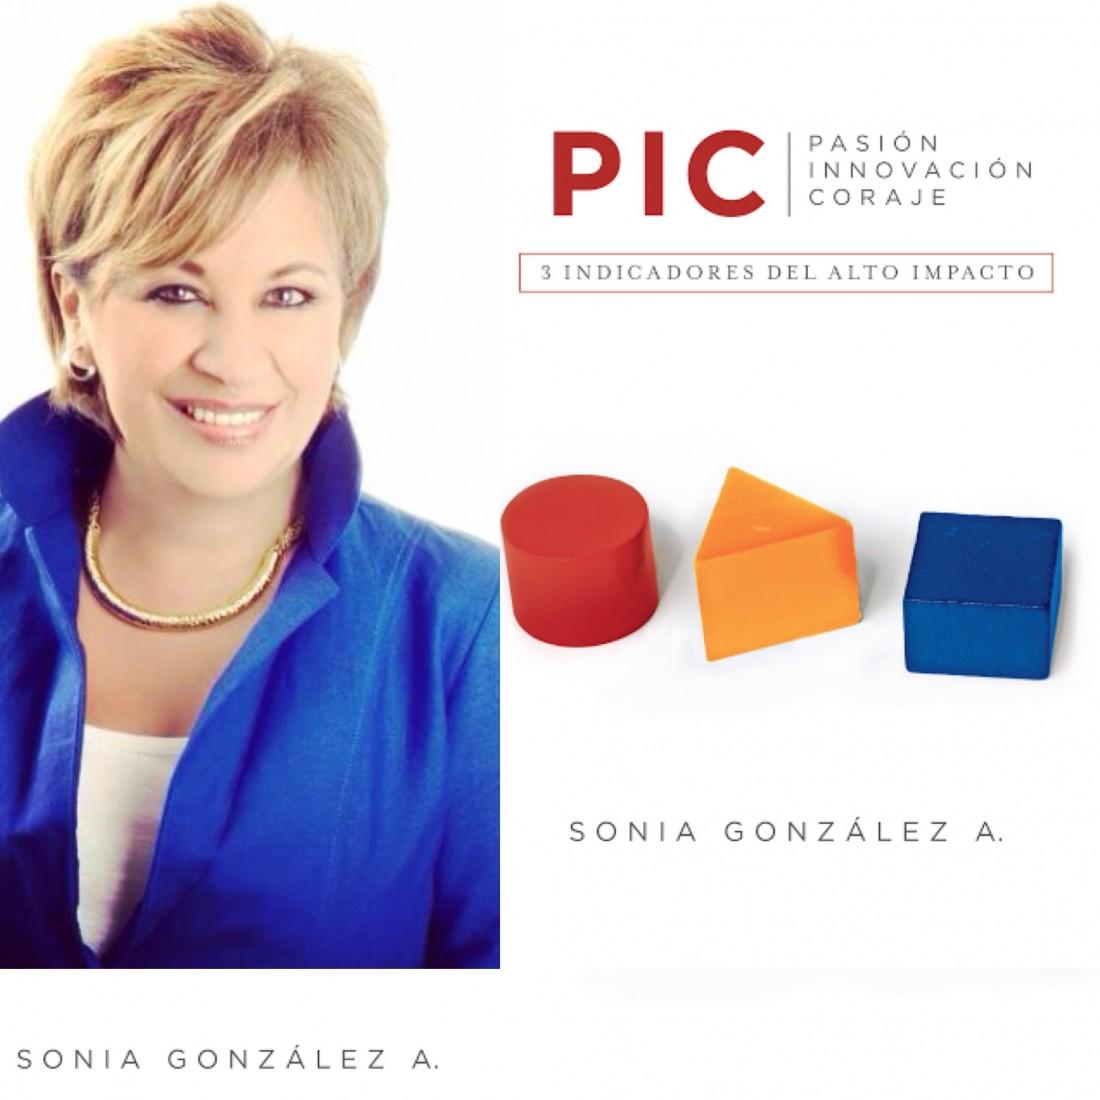 Sonia González A